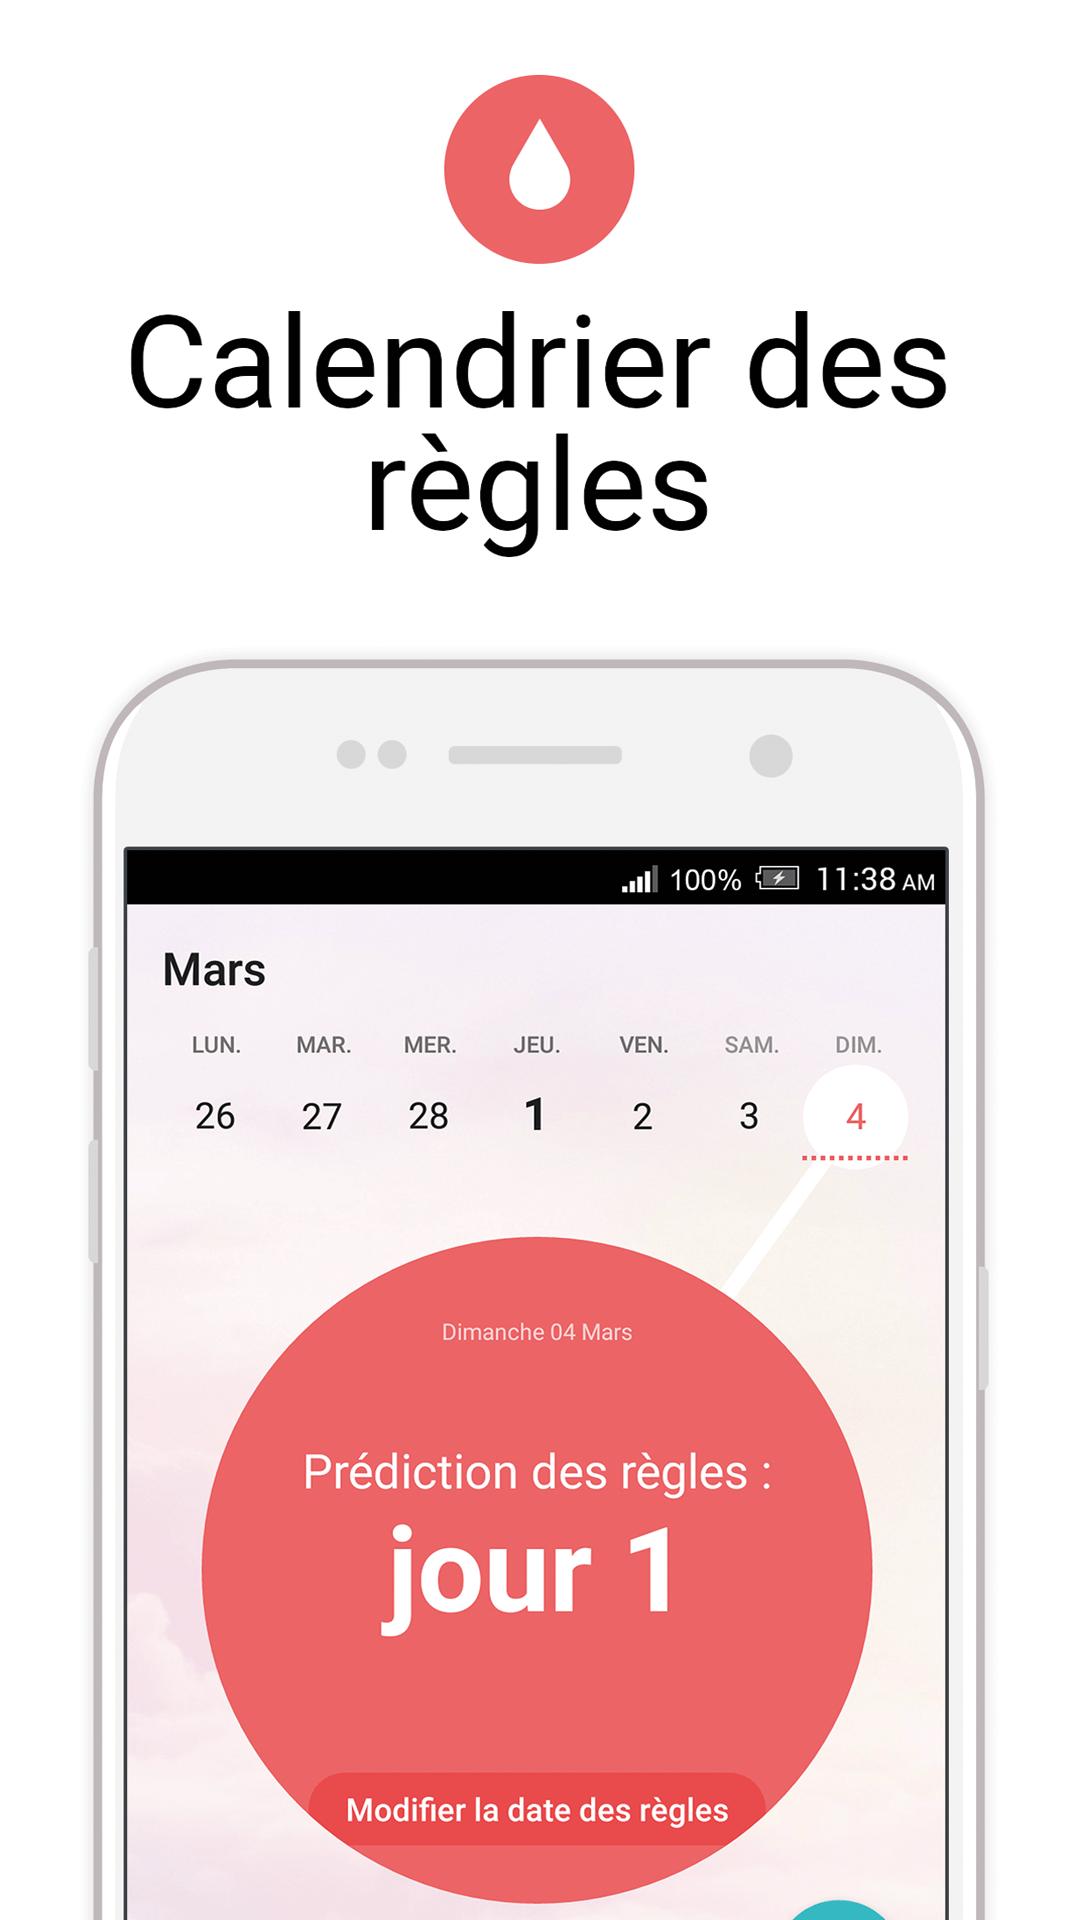 Calendrier Pour Les Regles.Flo Calendrier Des Regles Periode D Ovulation Amazon Fr